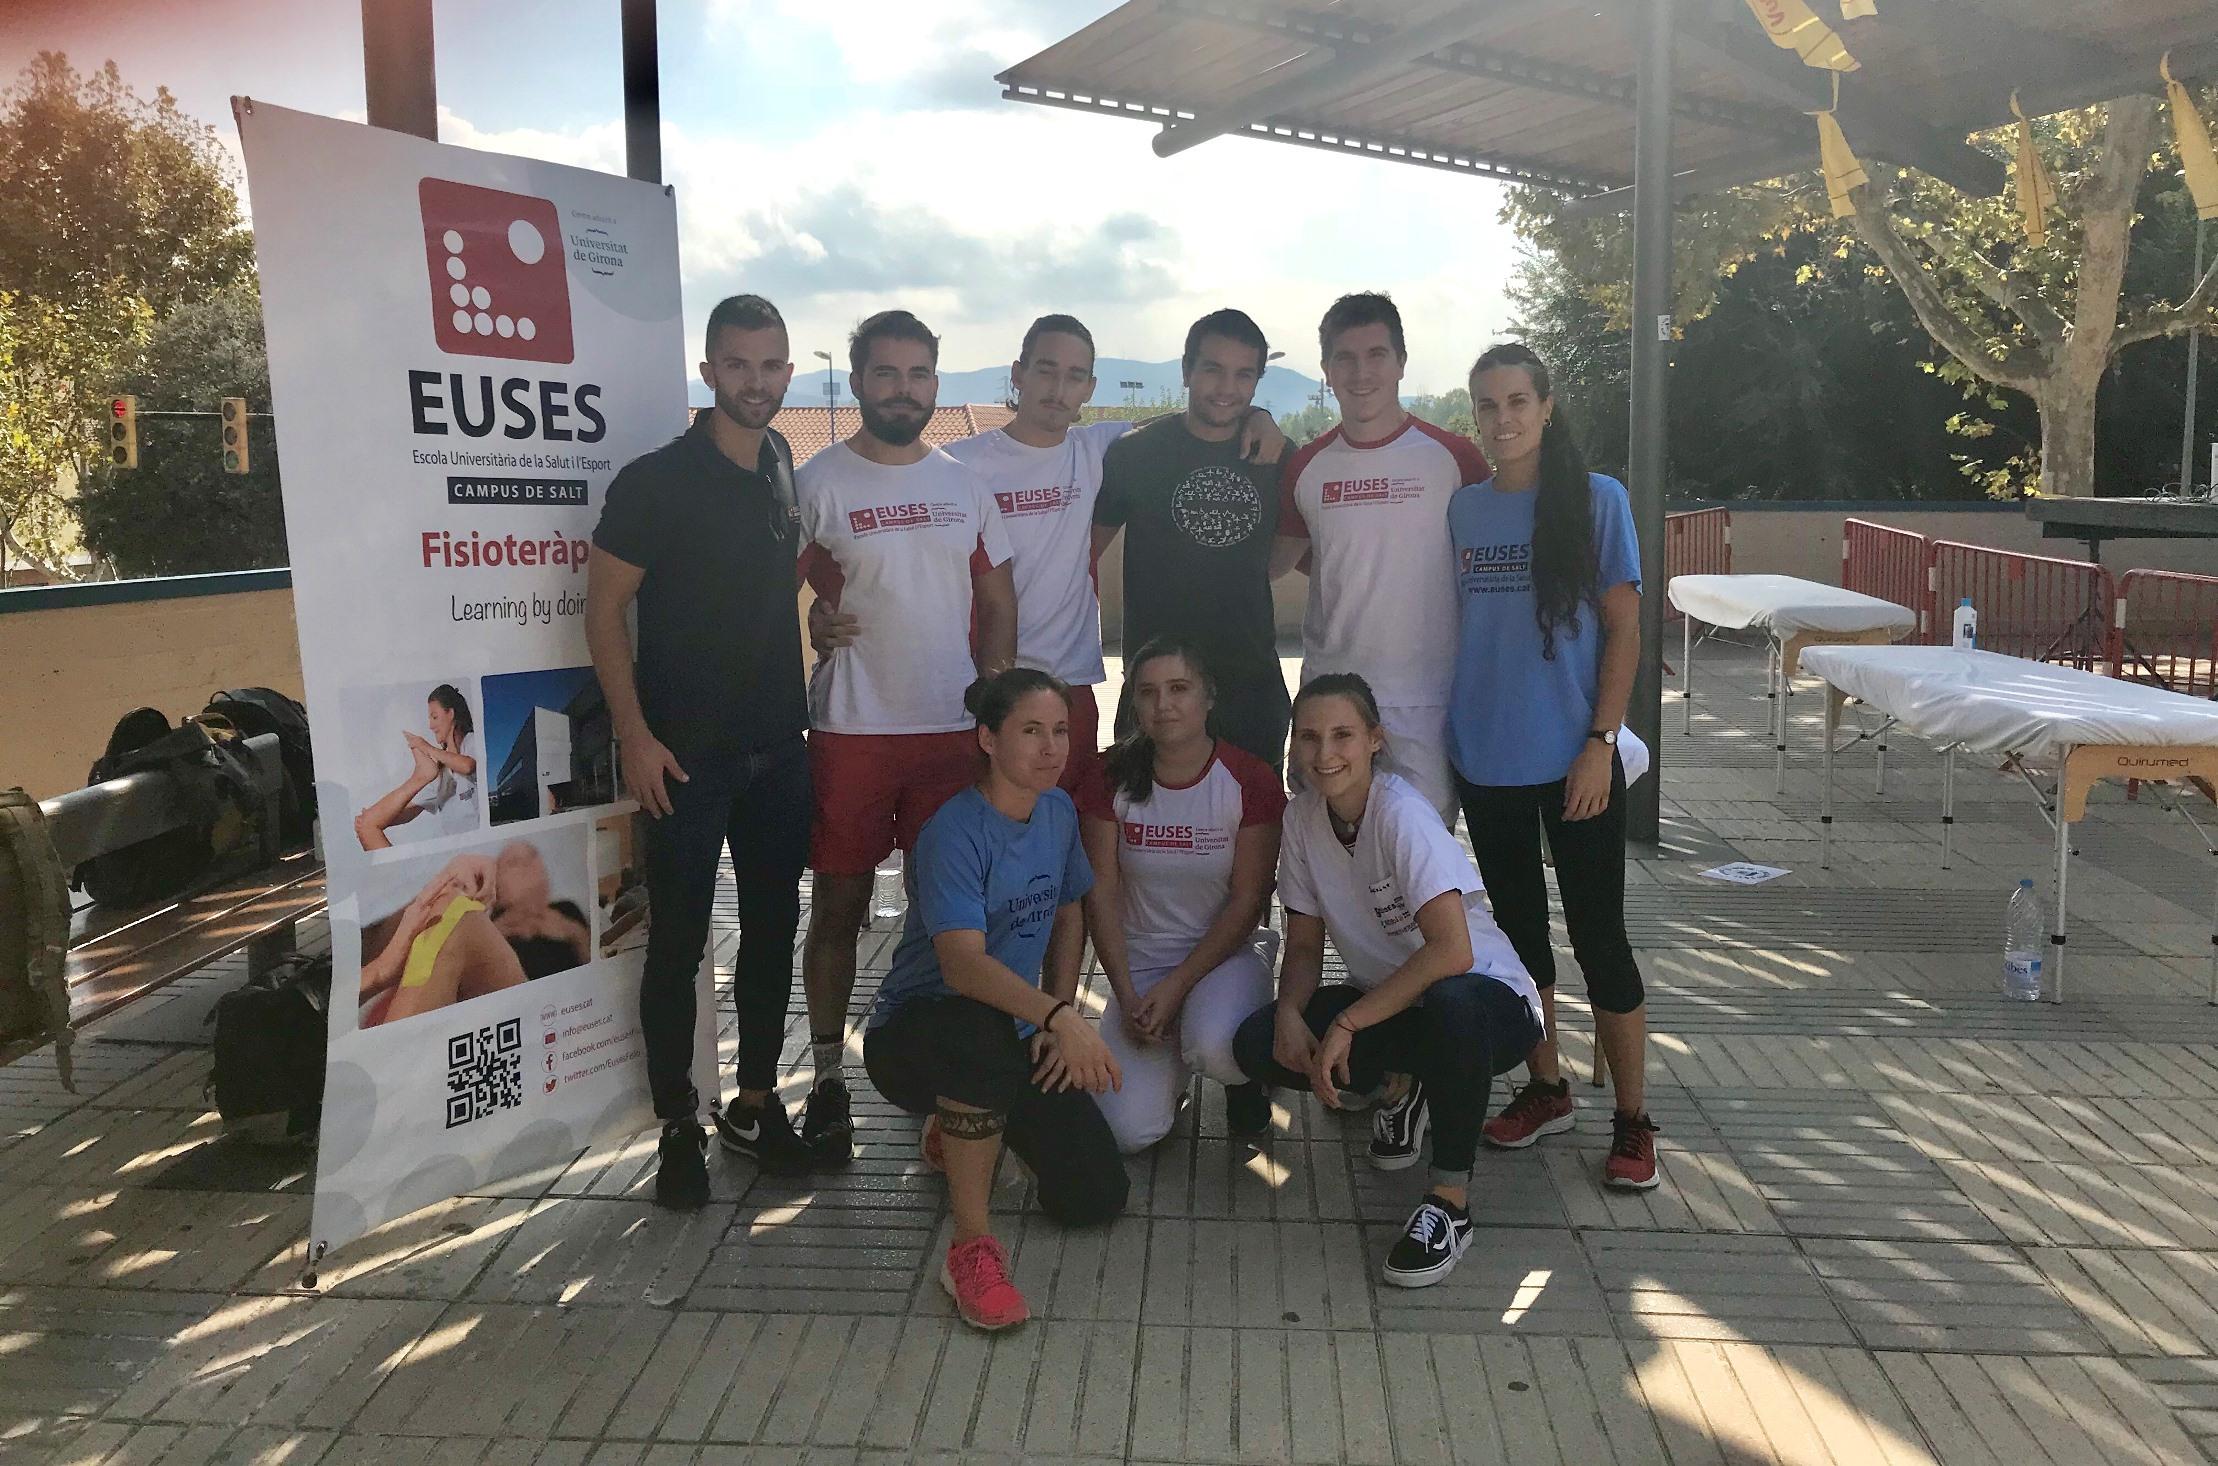 Estudiants del Grau en Fisioteràpia d'EUSES recuperen els participants de la Marxa de Resistència i Trail de Parets Montserrat